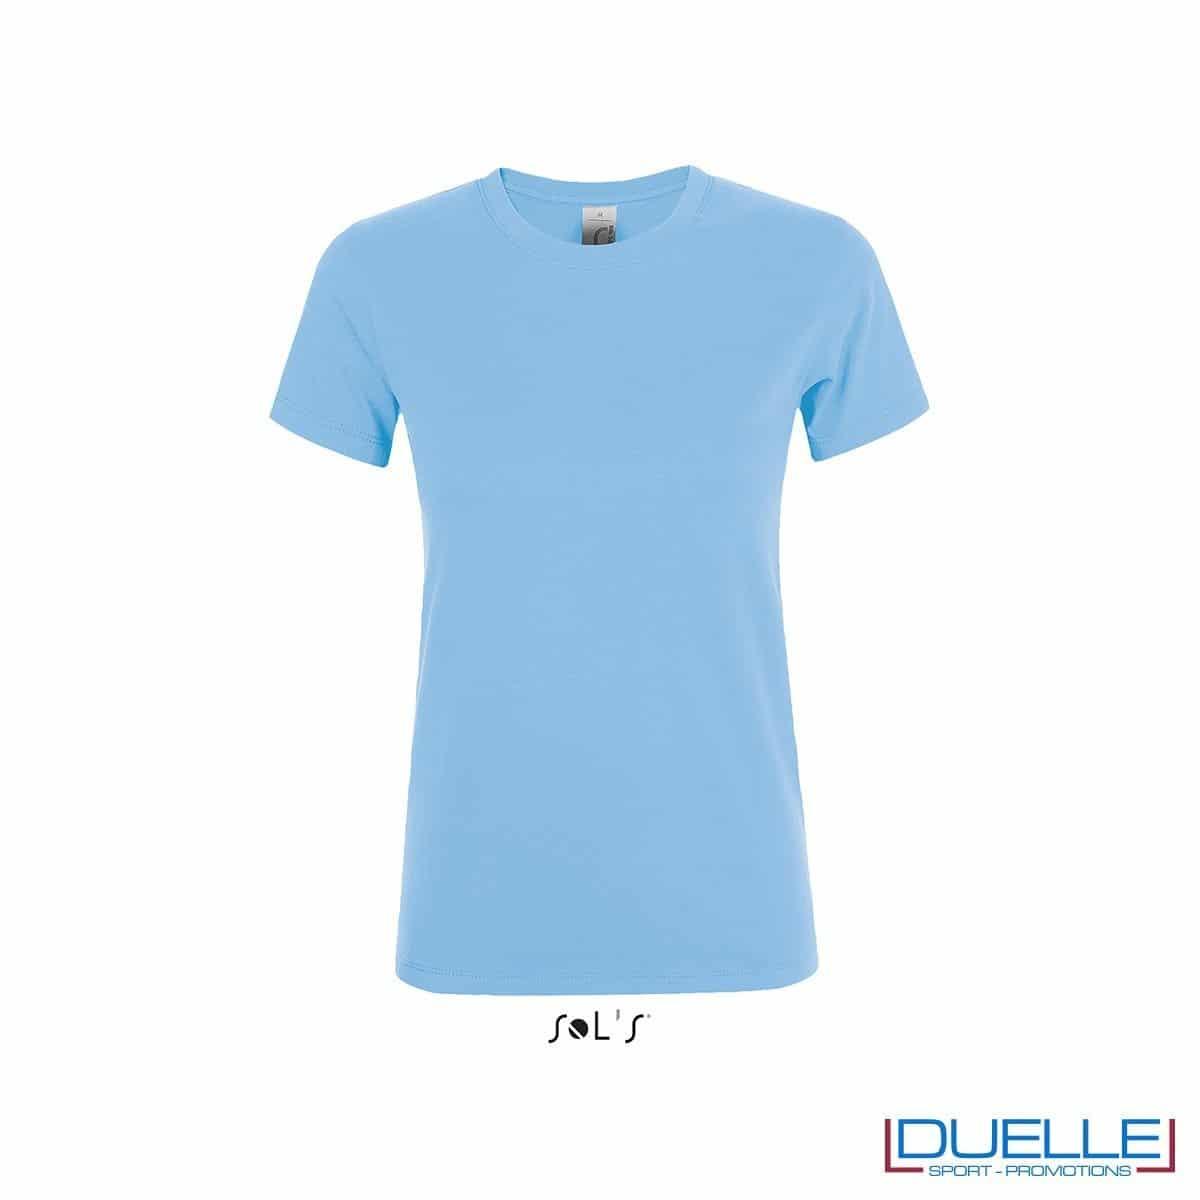 T-shirt personalizzata donna girocollo colore cielo